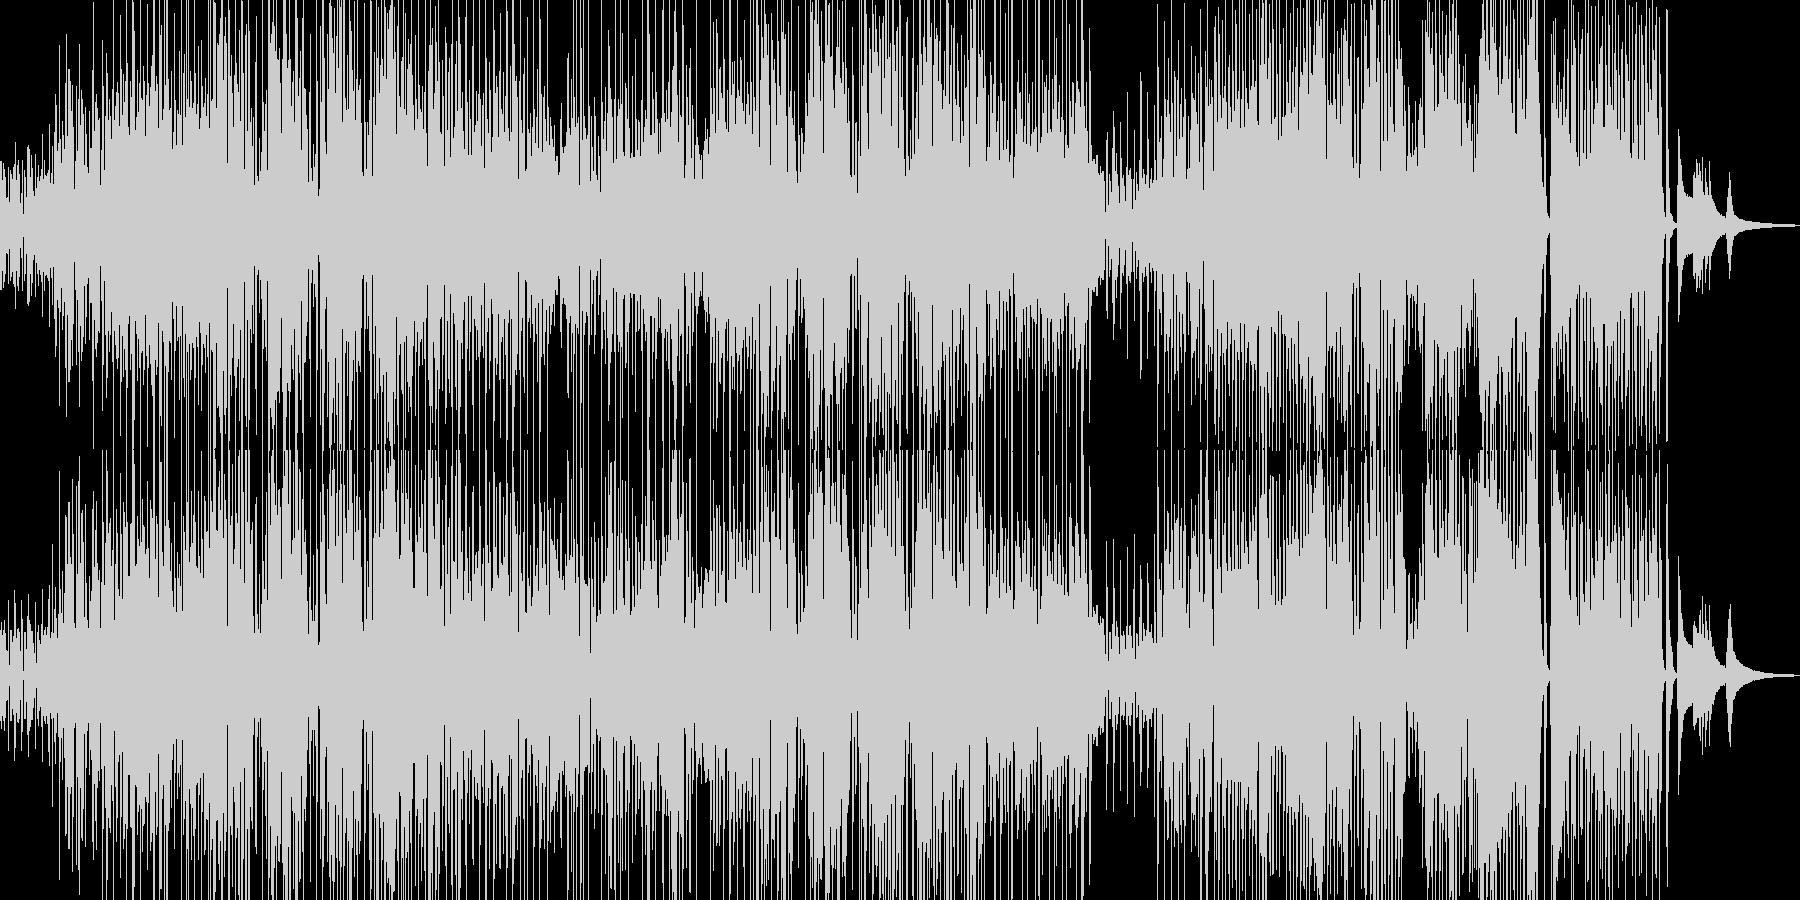 コミカルでユーモラスなジャズの未再生の波形